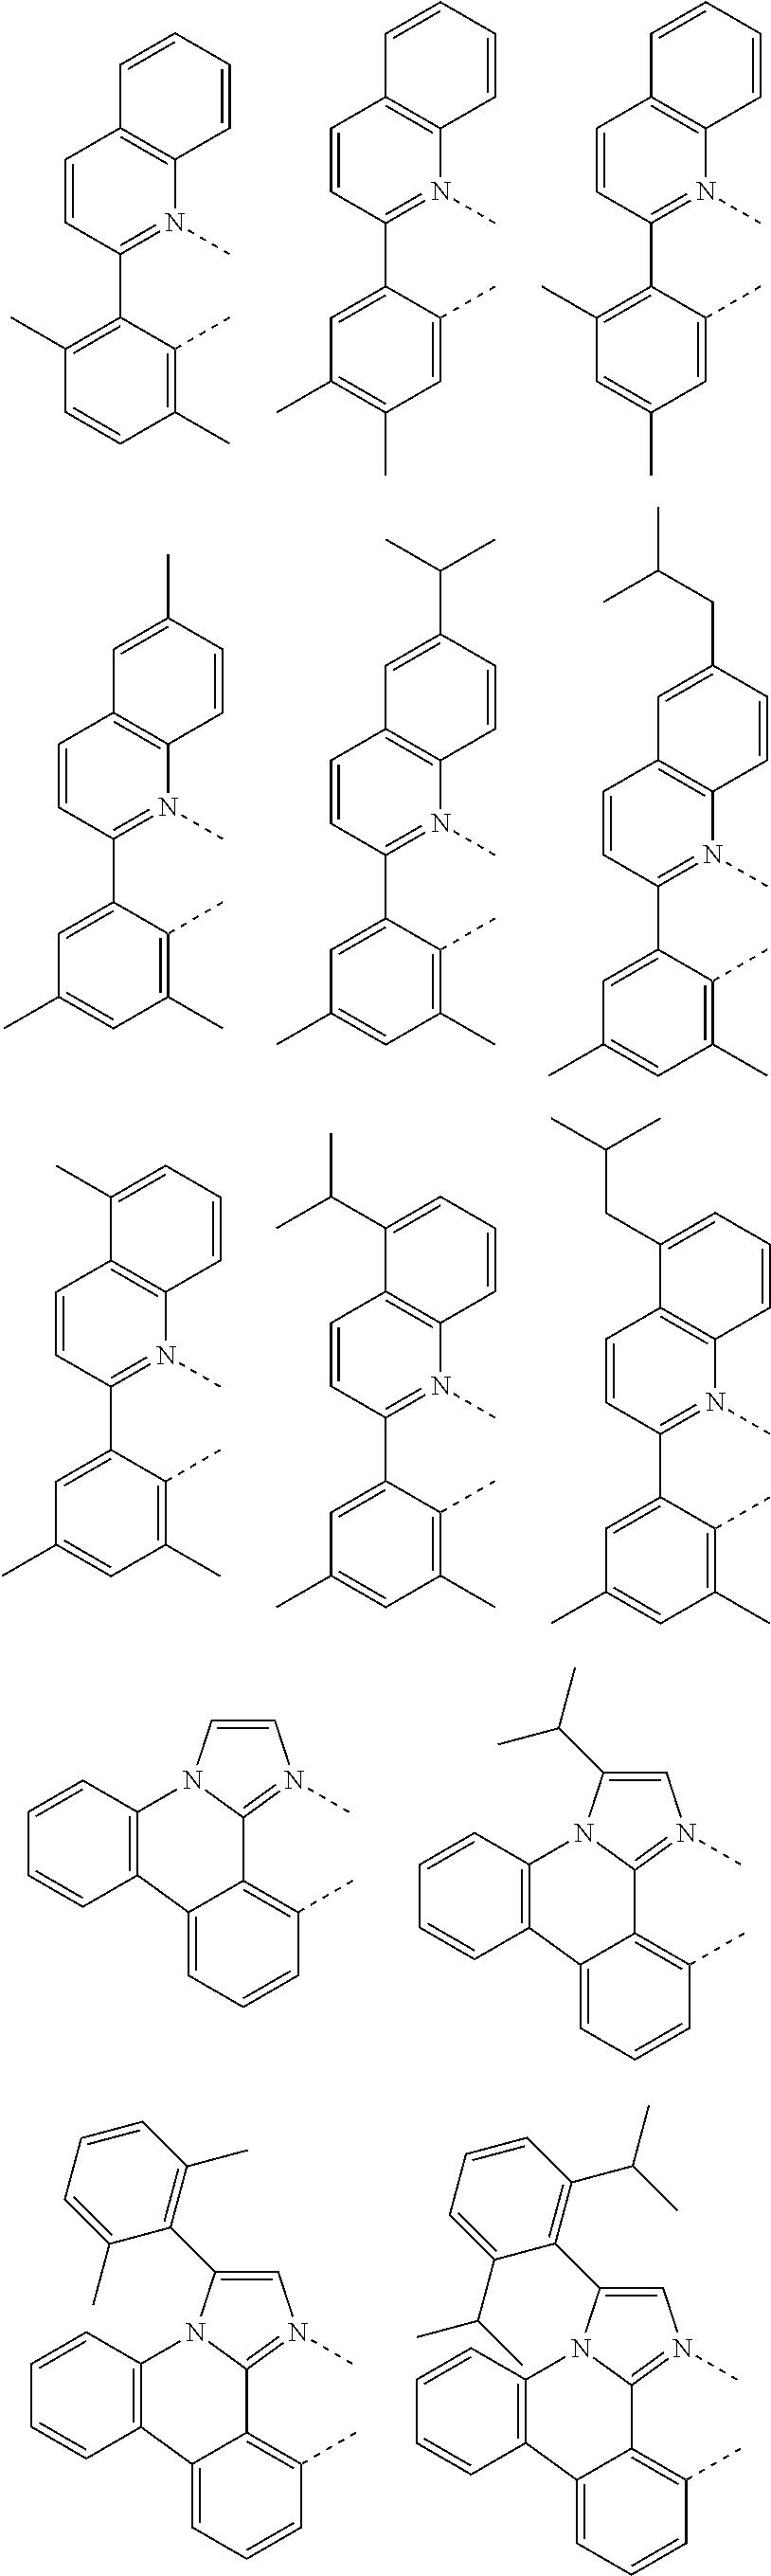 Figure US09773985-20170926-C00023